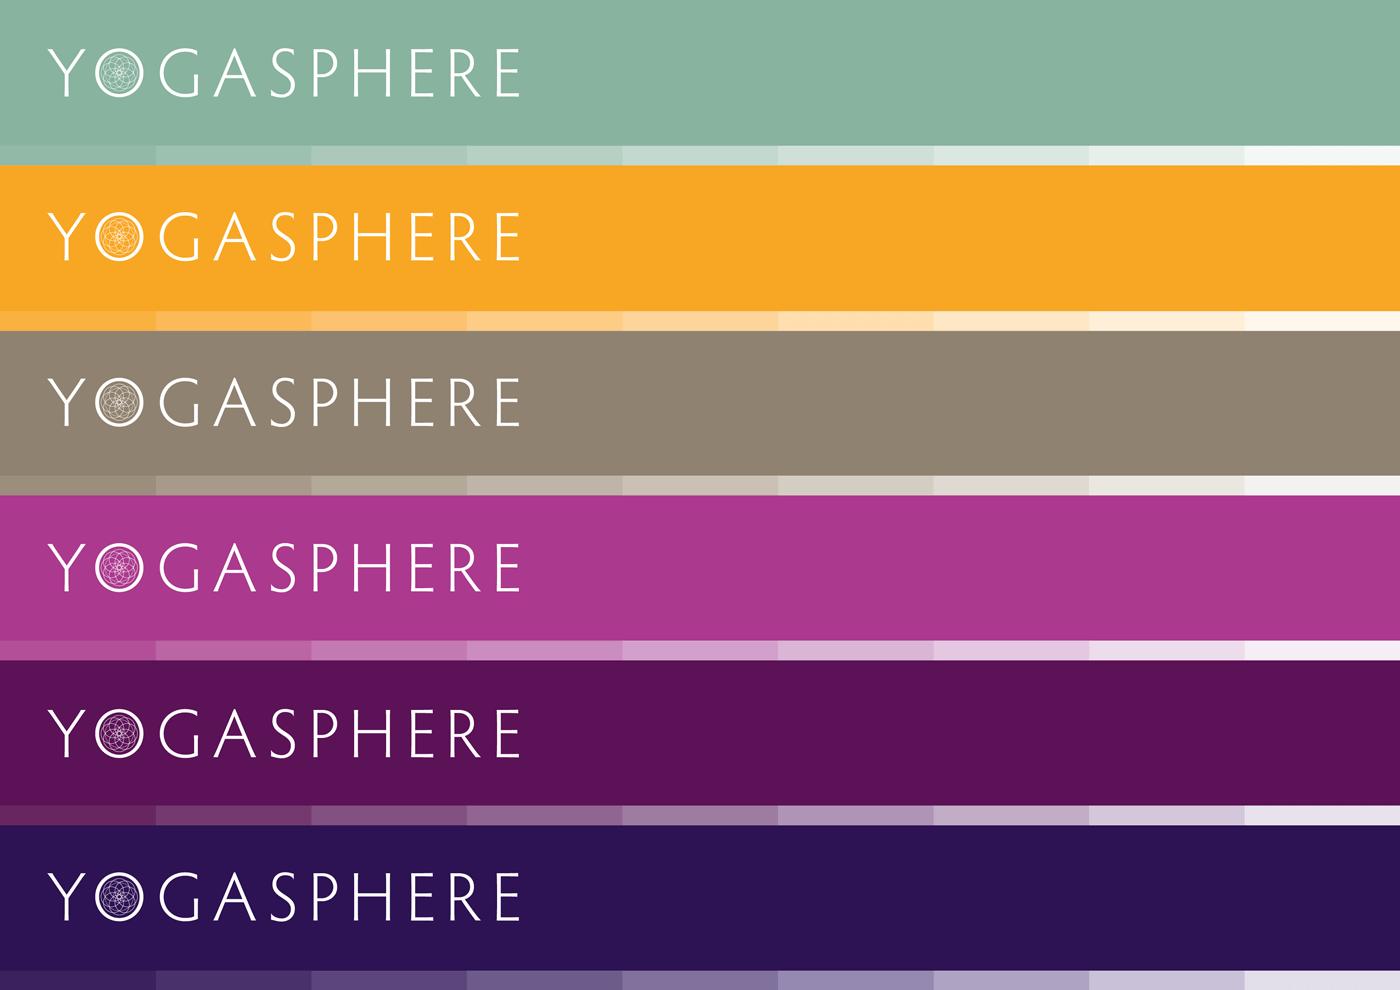 Yogasphere - Colour palette